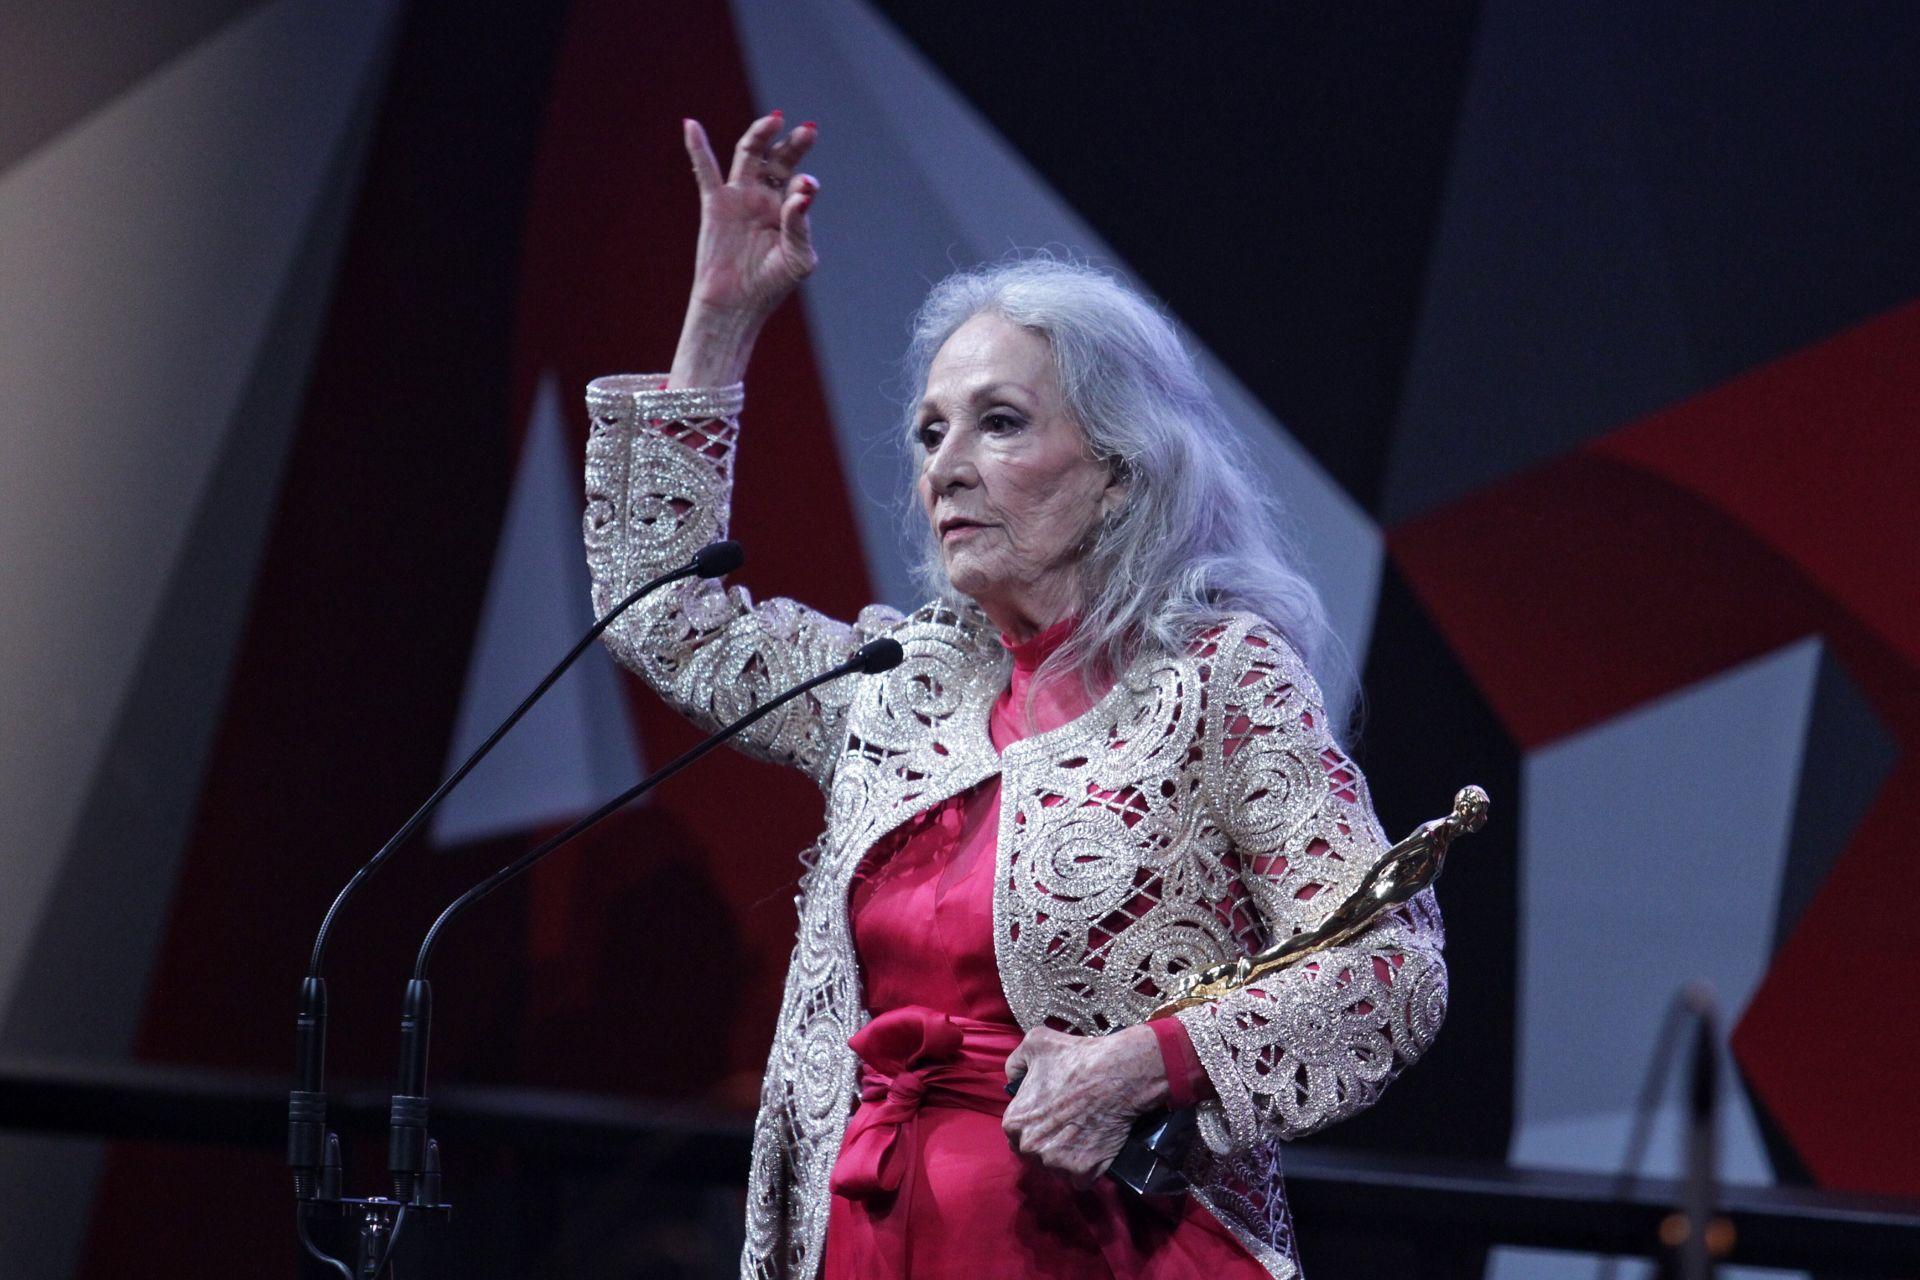 CIUDAD DE MÉXICO, 11JULIO2017.- Isela Vega ganó el Ariel de Oro, durante la Ceremonia de la 59 Entrega del Ariel, en el Palacio de Bellas Artes.